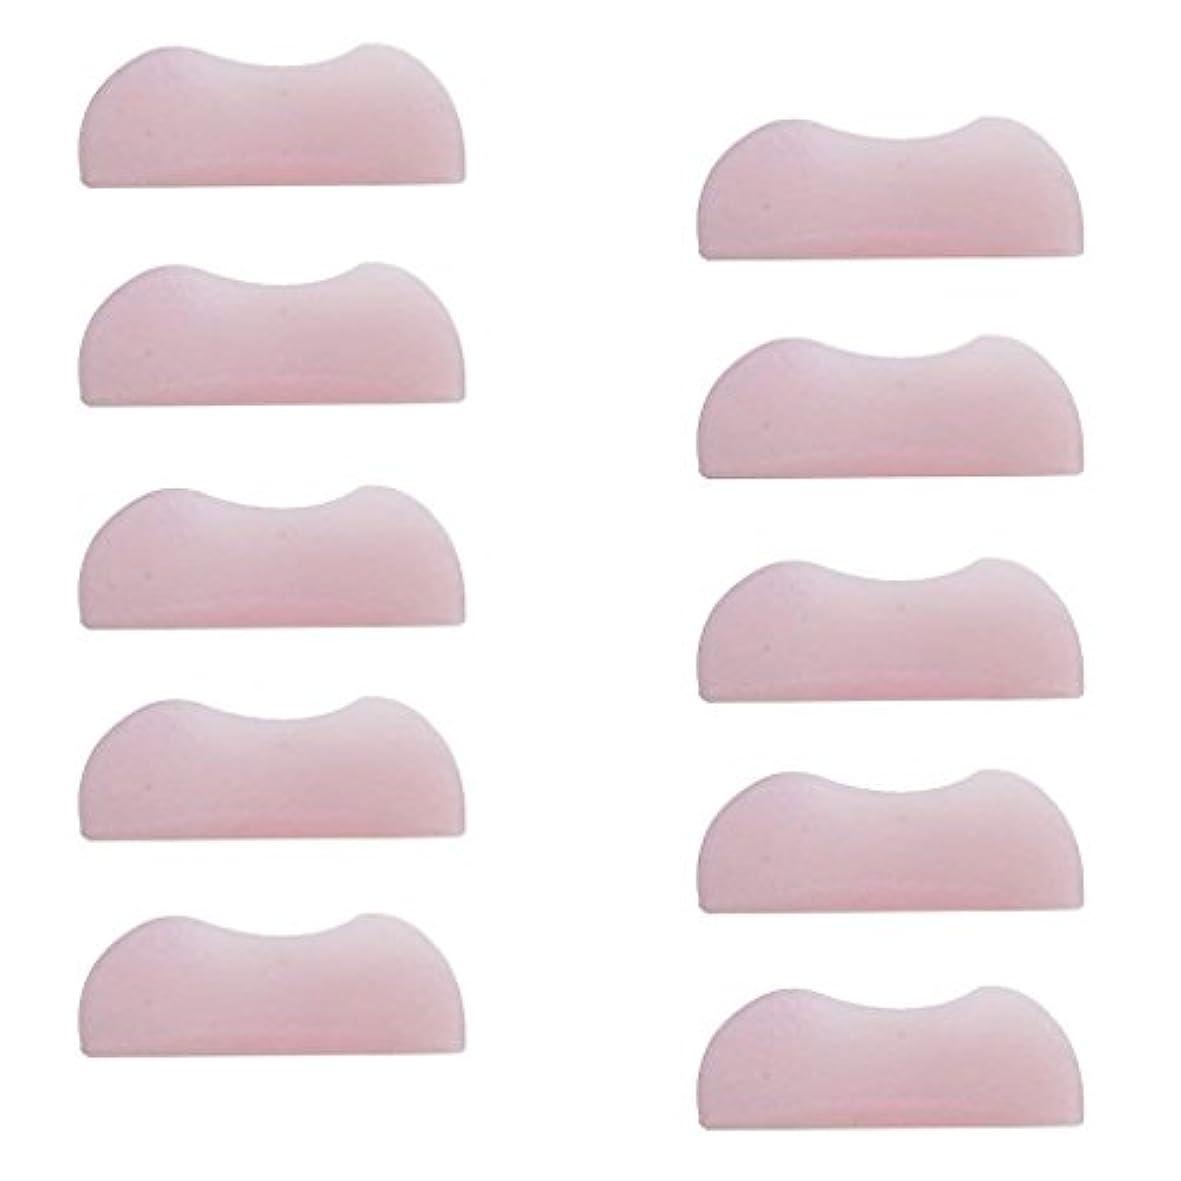 偽善面倒スラム5組 シリコンのまつげパッド まつげ美容用のまつげパーツキット